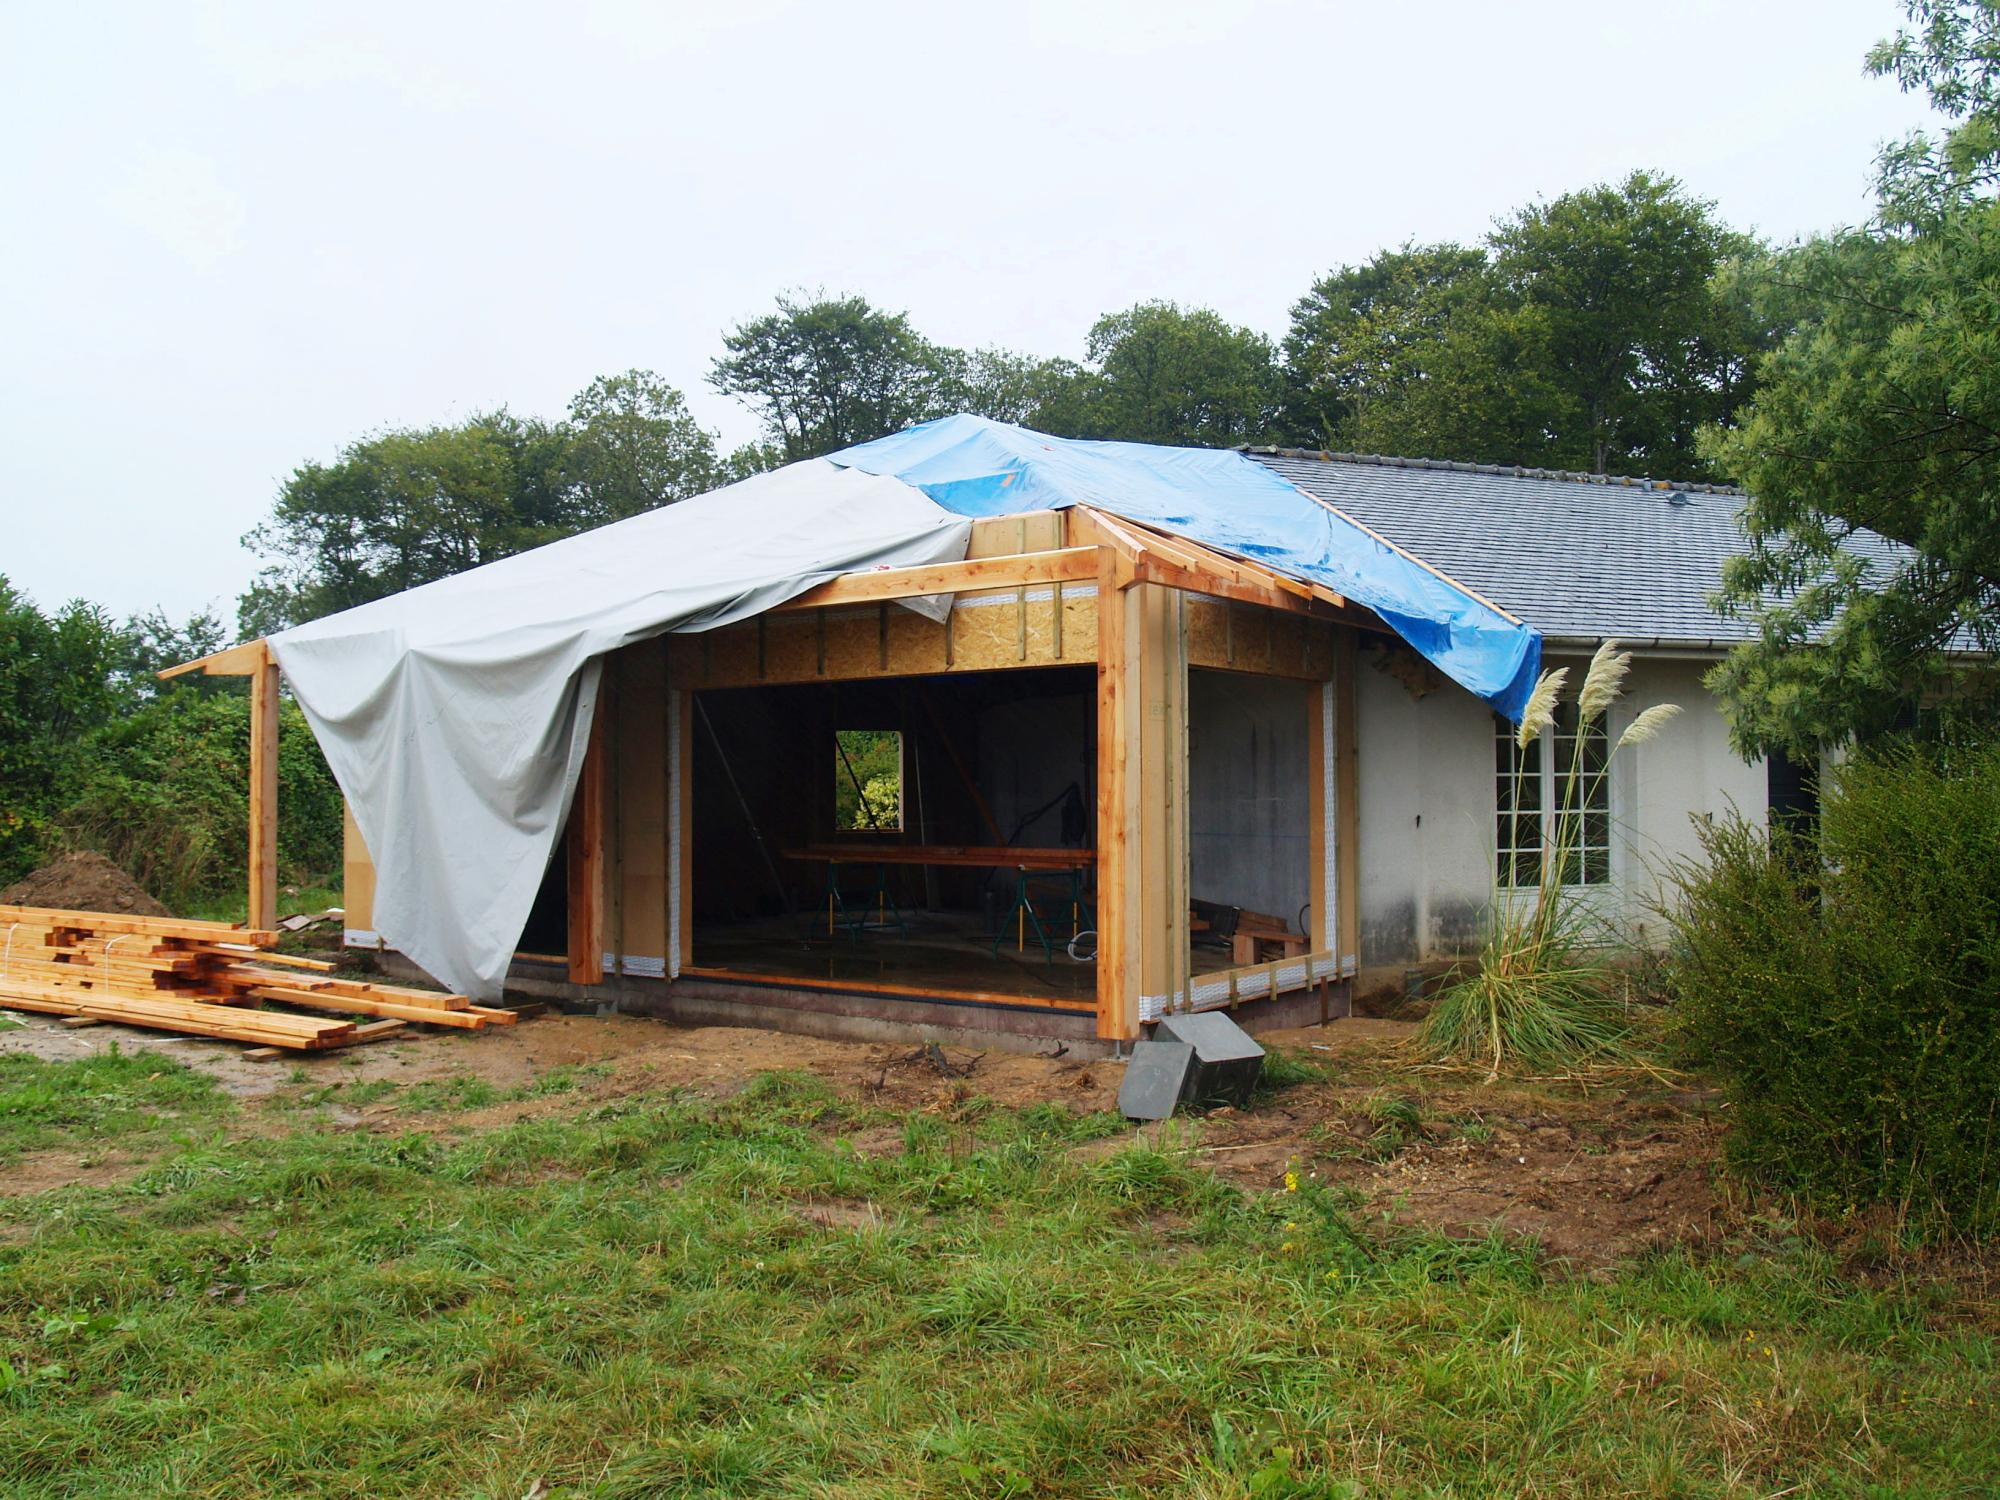 Extension et renovation thermique - chantier - charpente